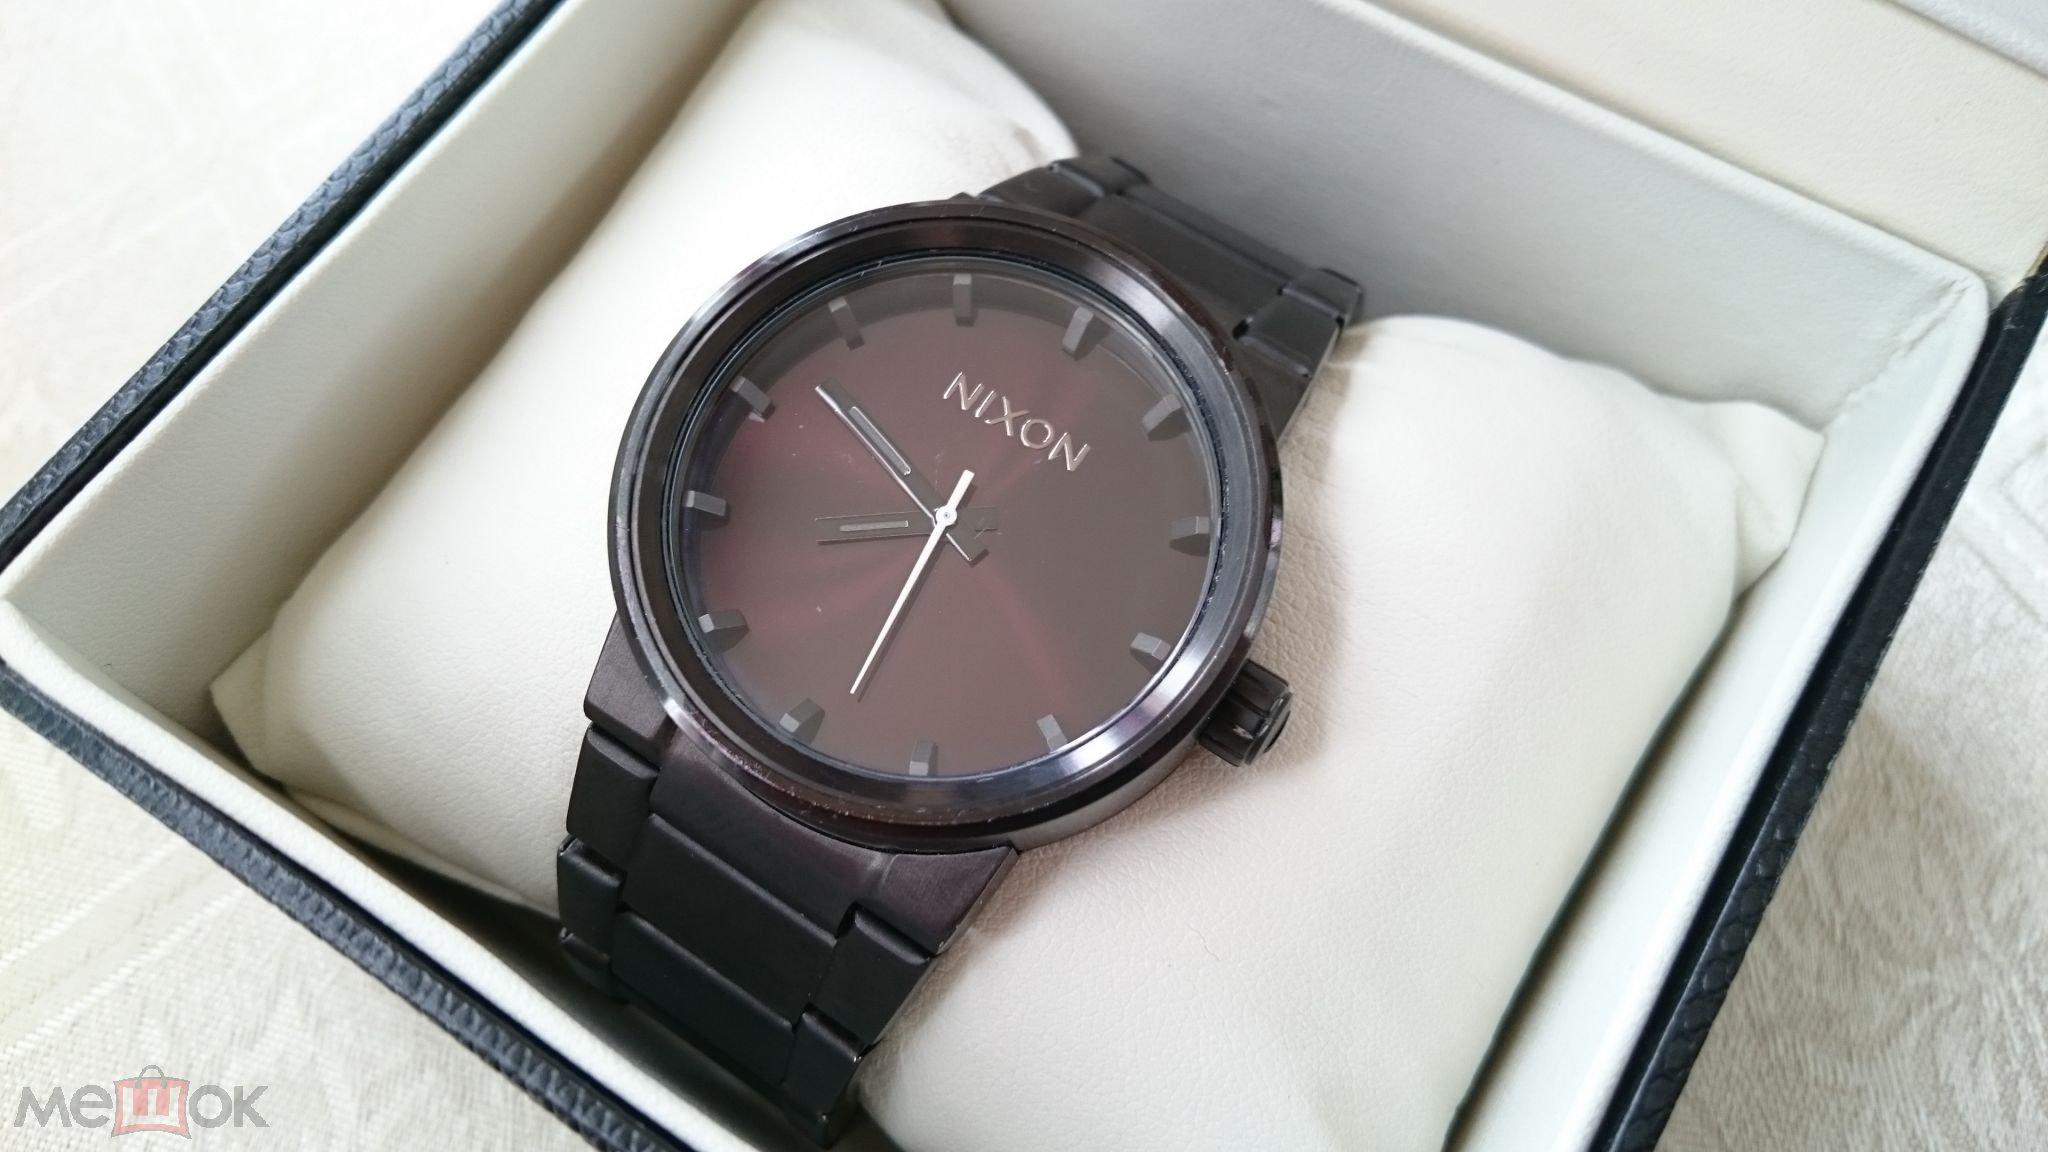 6ec38cca Аукцион с 1 рубля Мужские наручные часы Nixon Редкие (торги ...